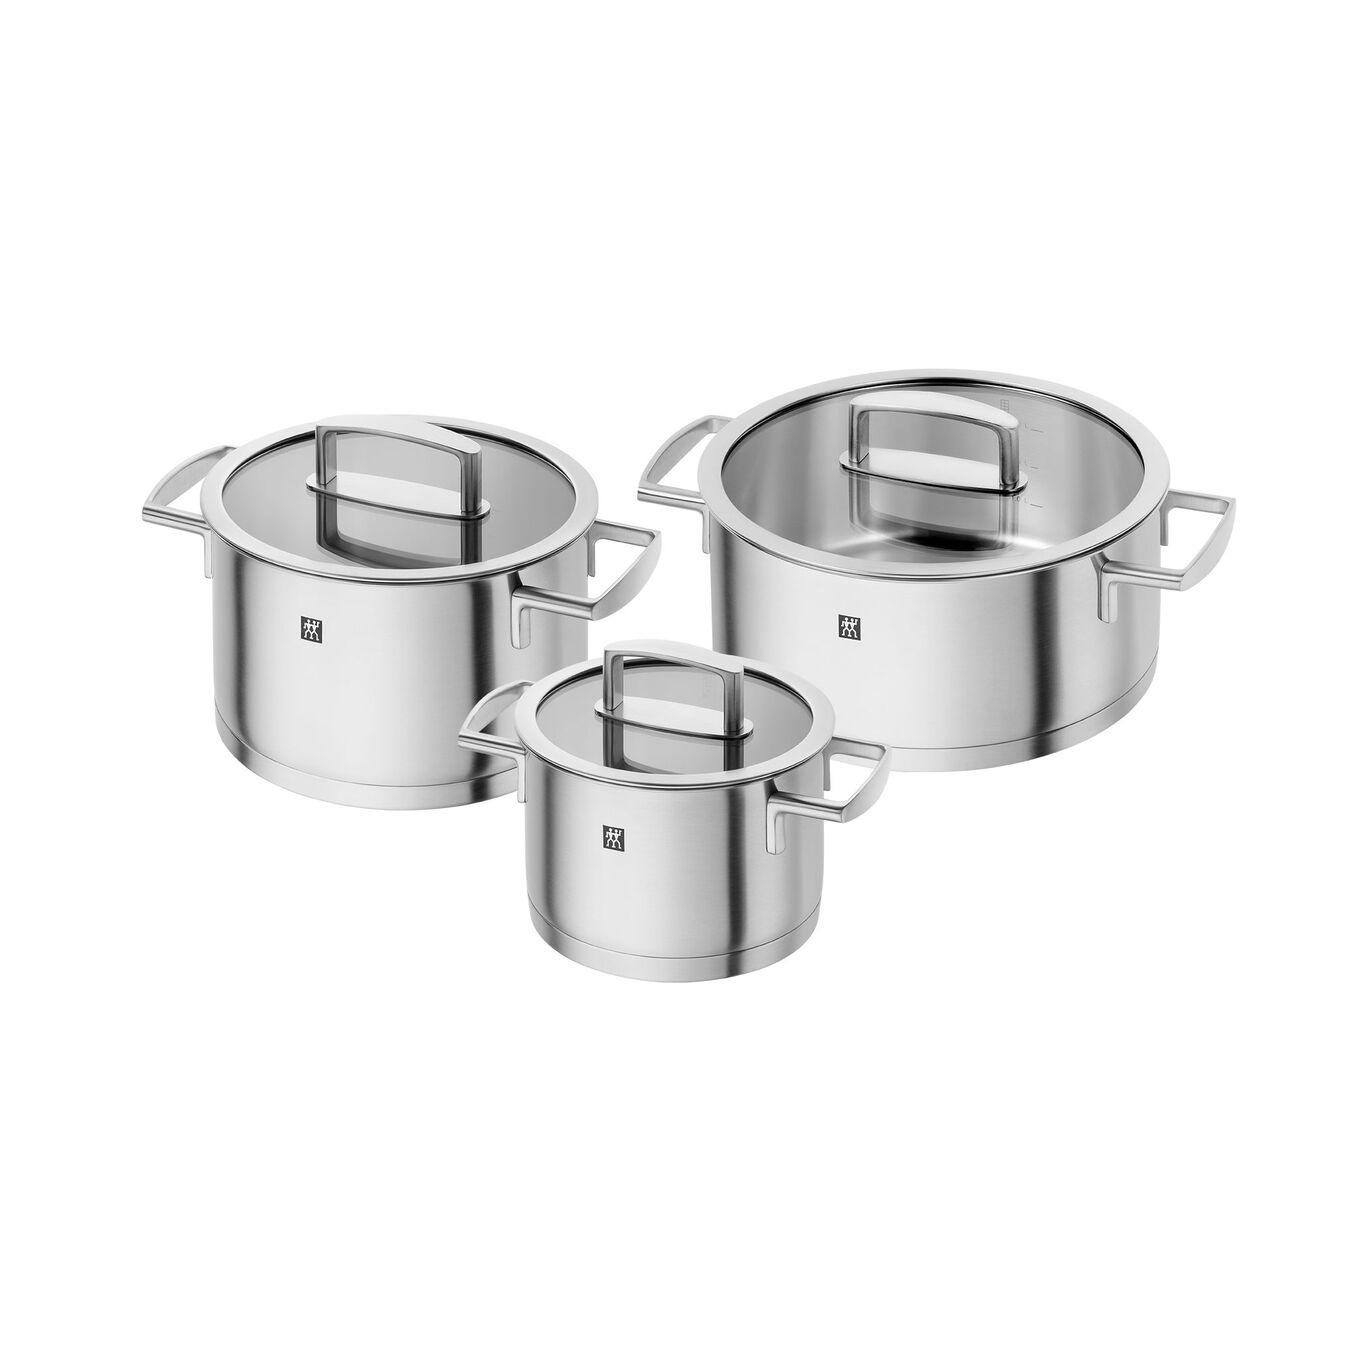 Ensemble de casseroles 3-pcs, Inox 18/10,,large 1